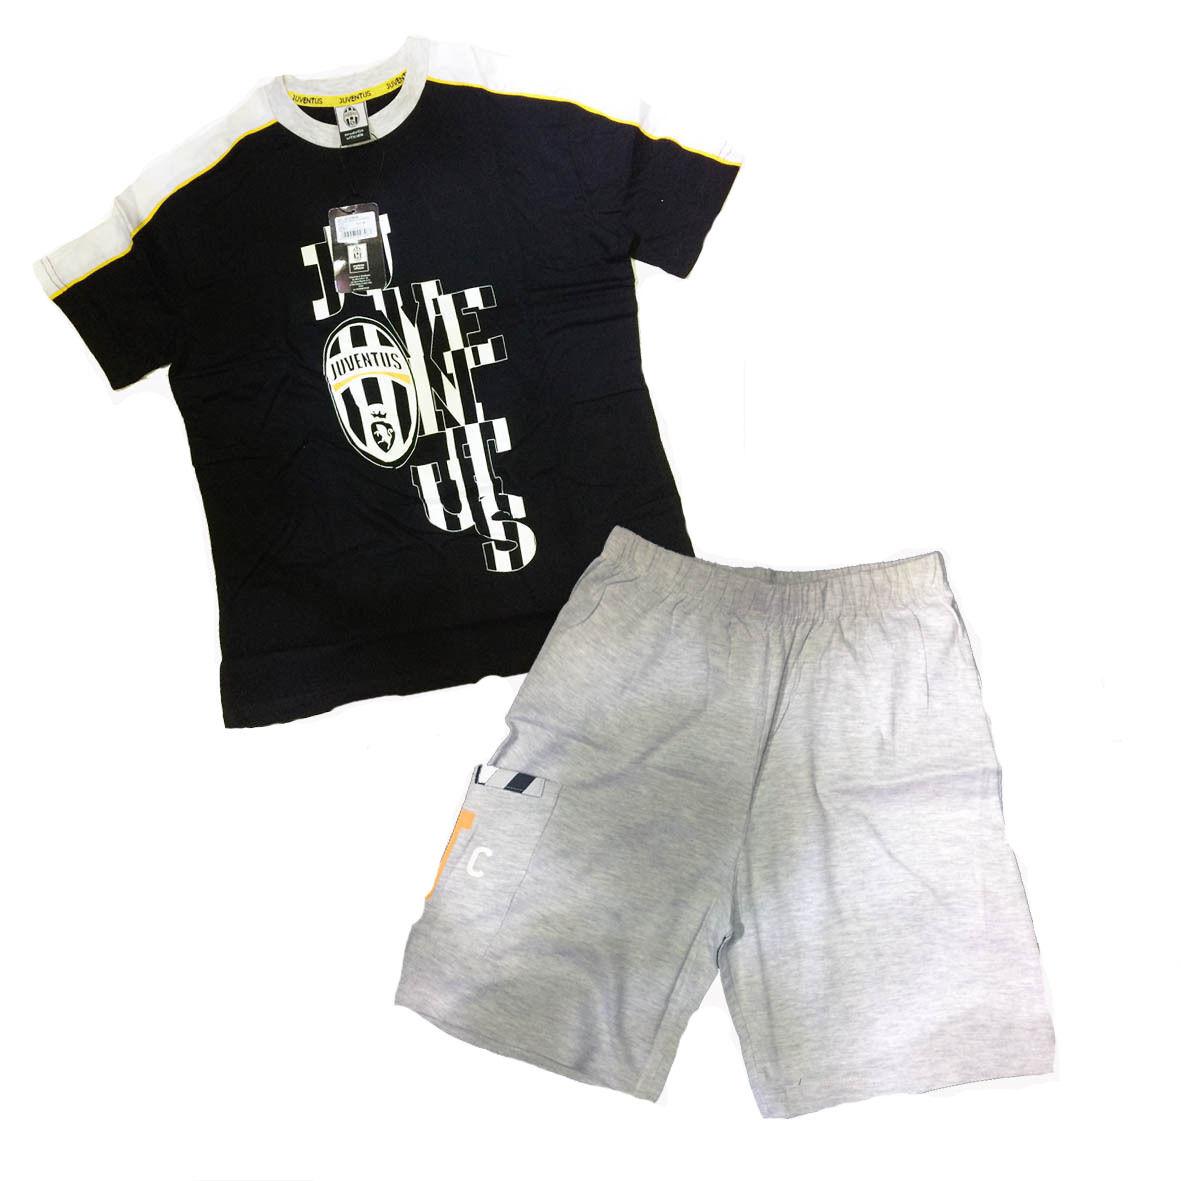 JUVENTUS pigiama corto 2 pezzi grigio in jersey varie taglie prodotto ufficiale